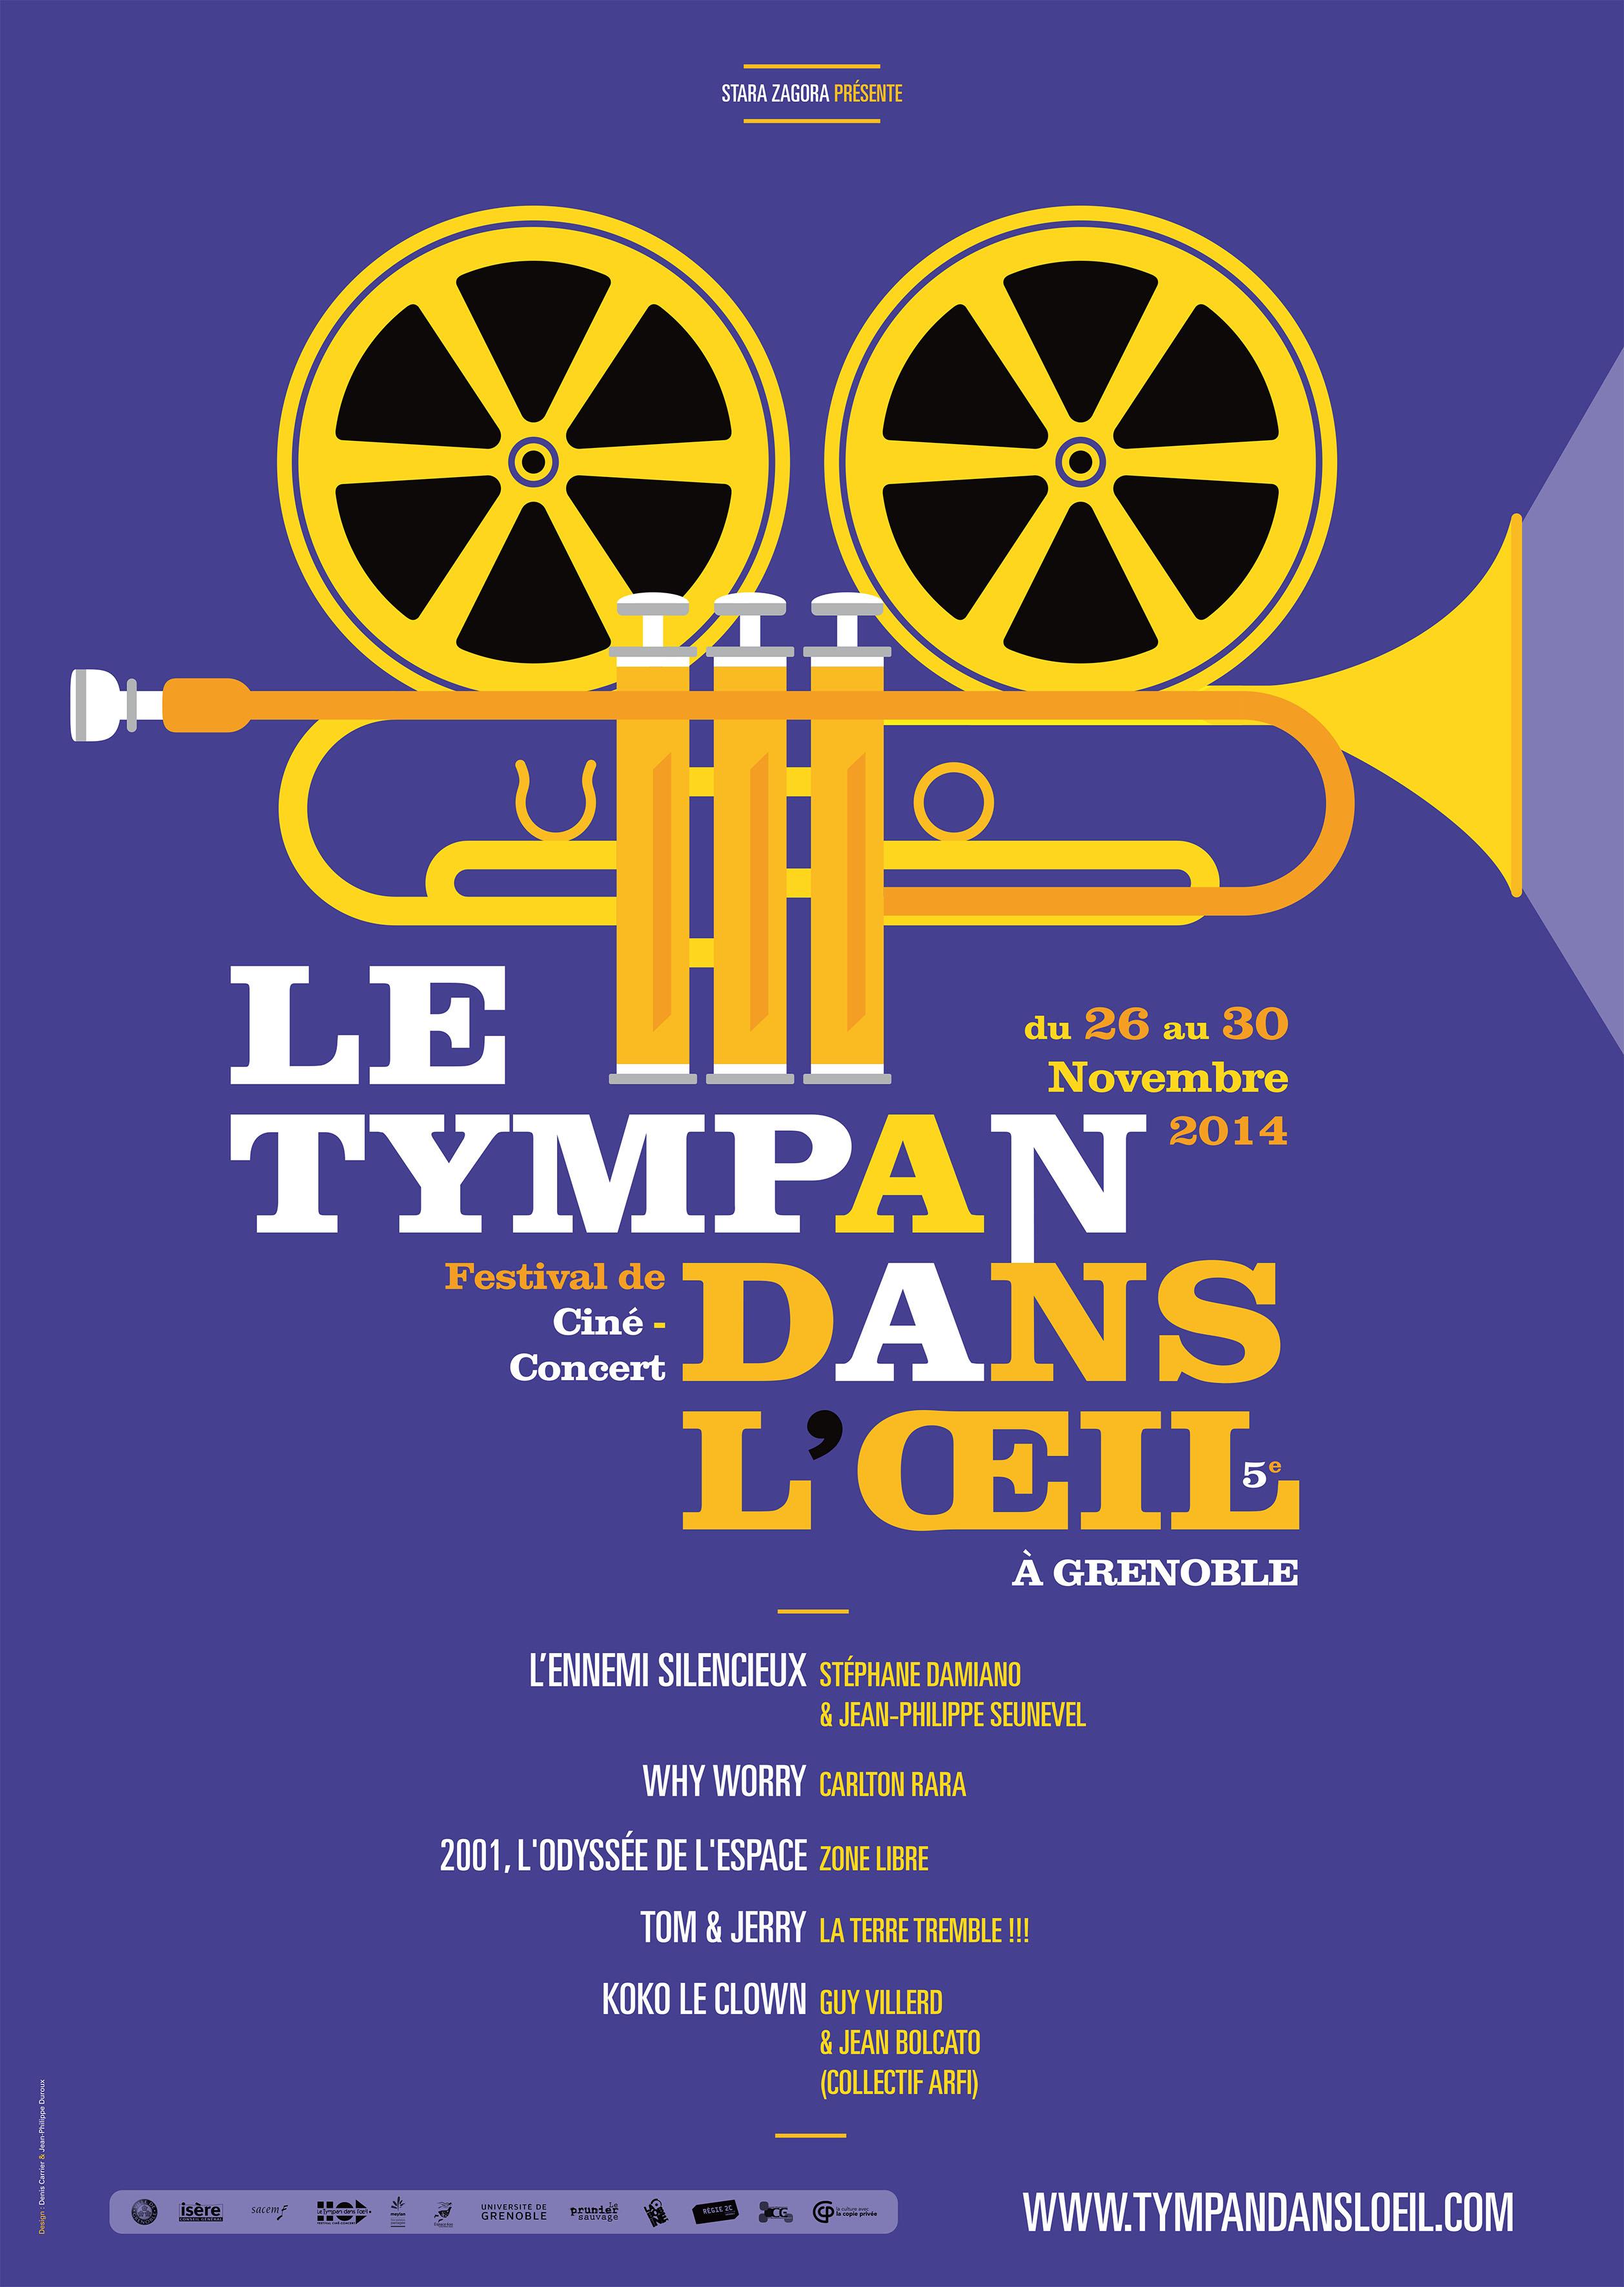 Le Tympan Dans L'Oeil (ciné-cocnert Tom & Jerry) LTT CC